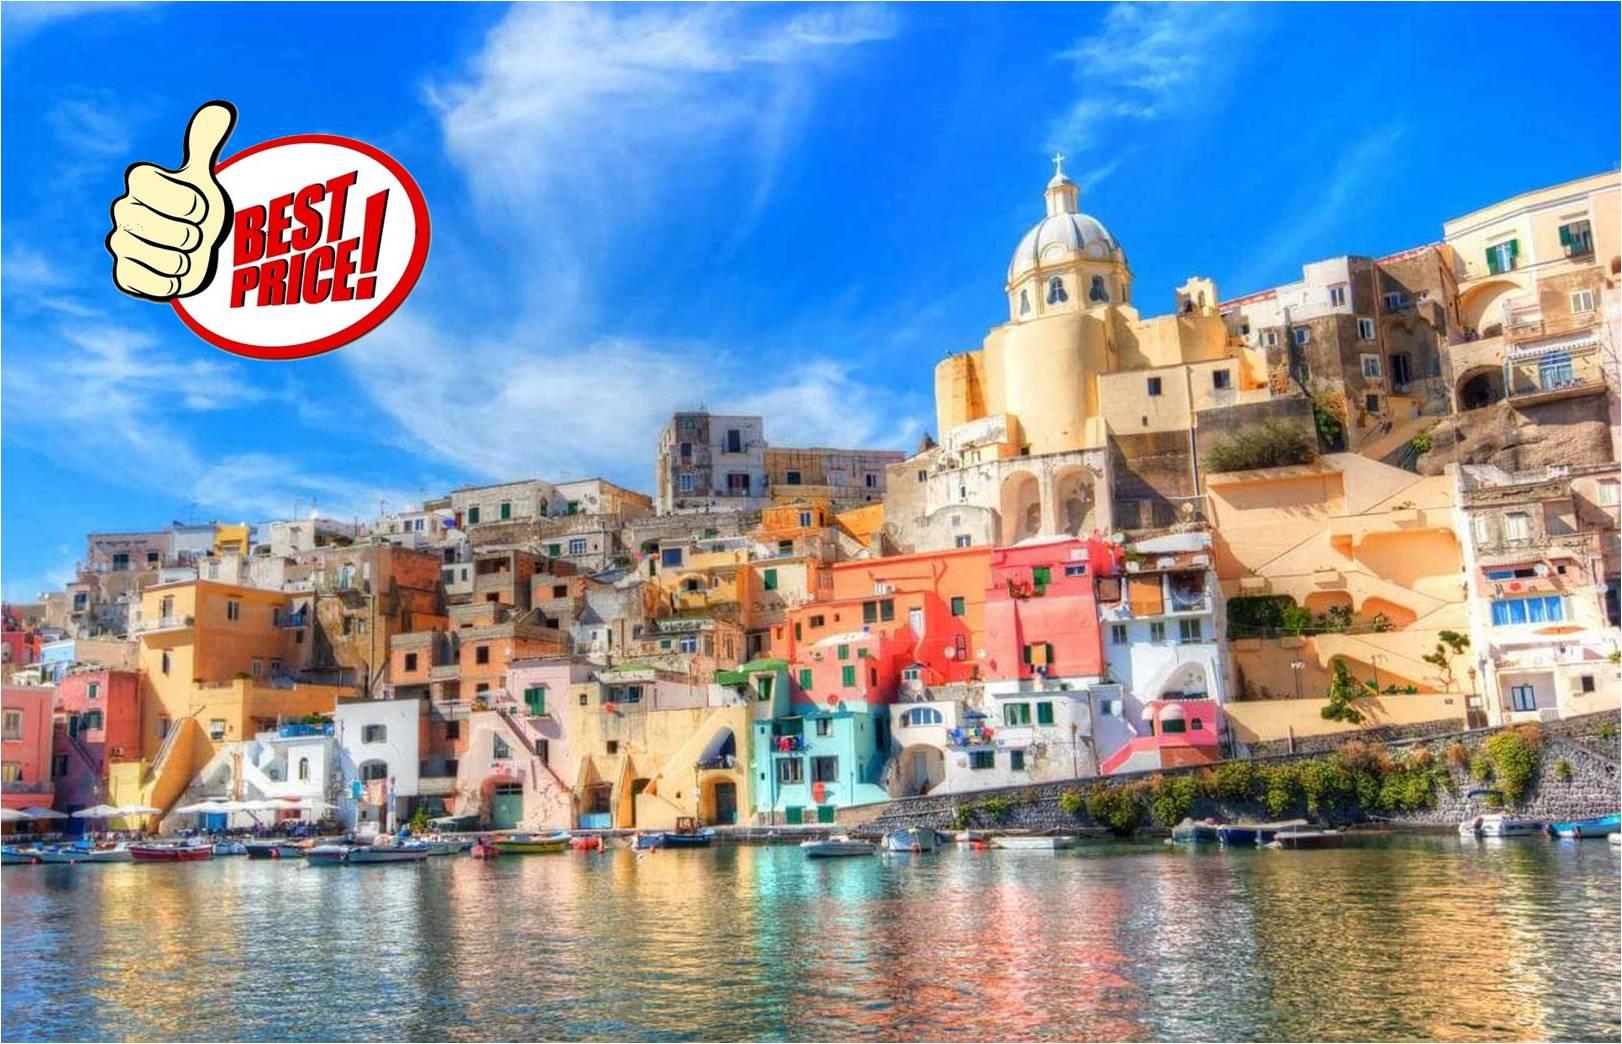 ΝΑΠΟΛΙ 07-10 NOEMΒΡΙΟΥ στην καλυτερη τιμη της αγορας! Απο 179€ με Αεροπορικα, Κεντρικο Ξενοδοχειο, Πρωινο & Φορους Πληρωμενους